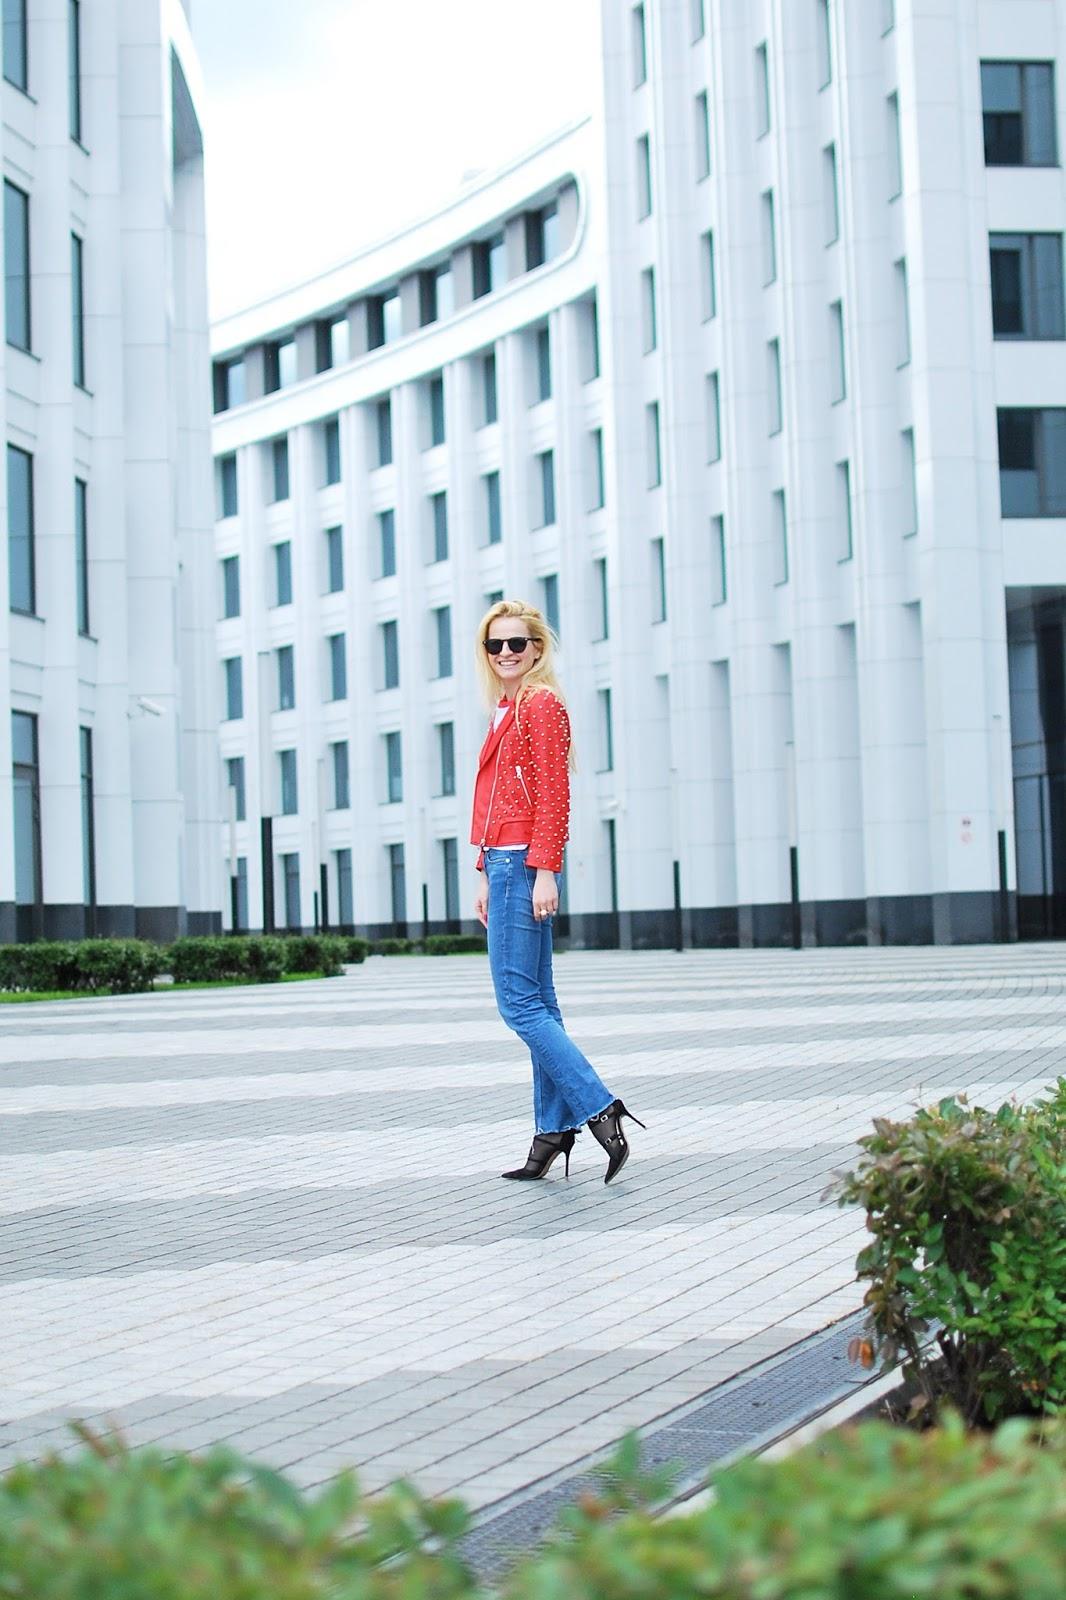 джинсы лук, модные тенденции фото, real outfit photo